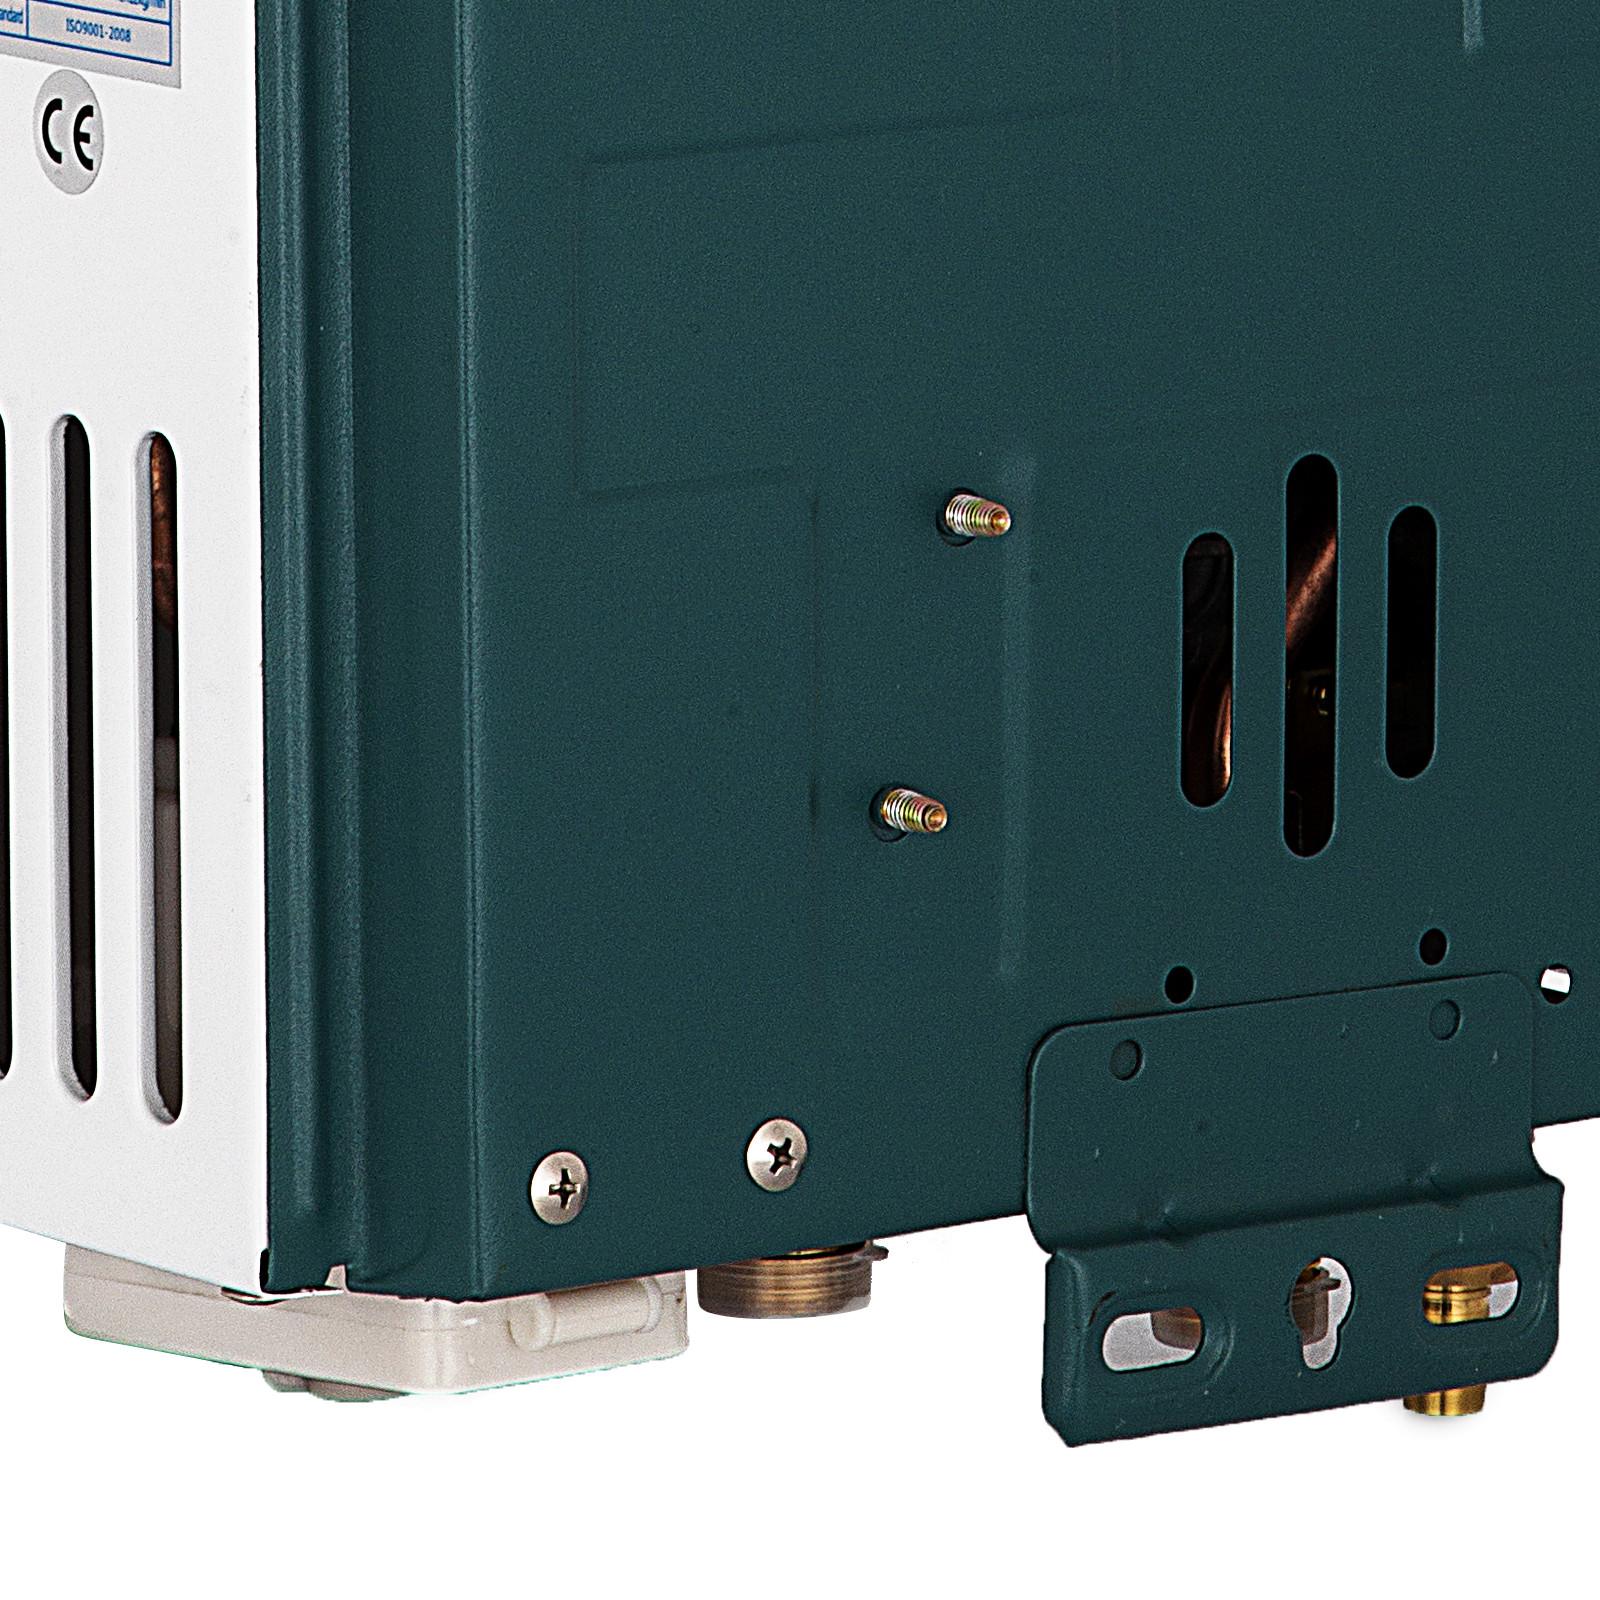 Propangas-Gas-Durchlauferhitzer-Warmwasserbereiter-Boiler-Warmwasserspeicher Indexbild 22